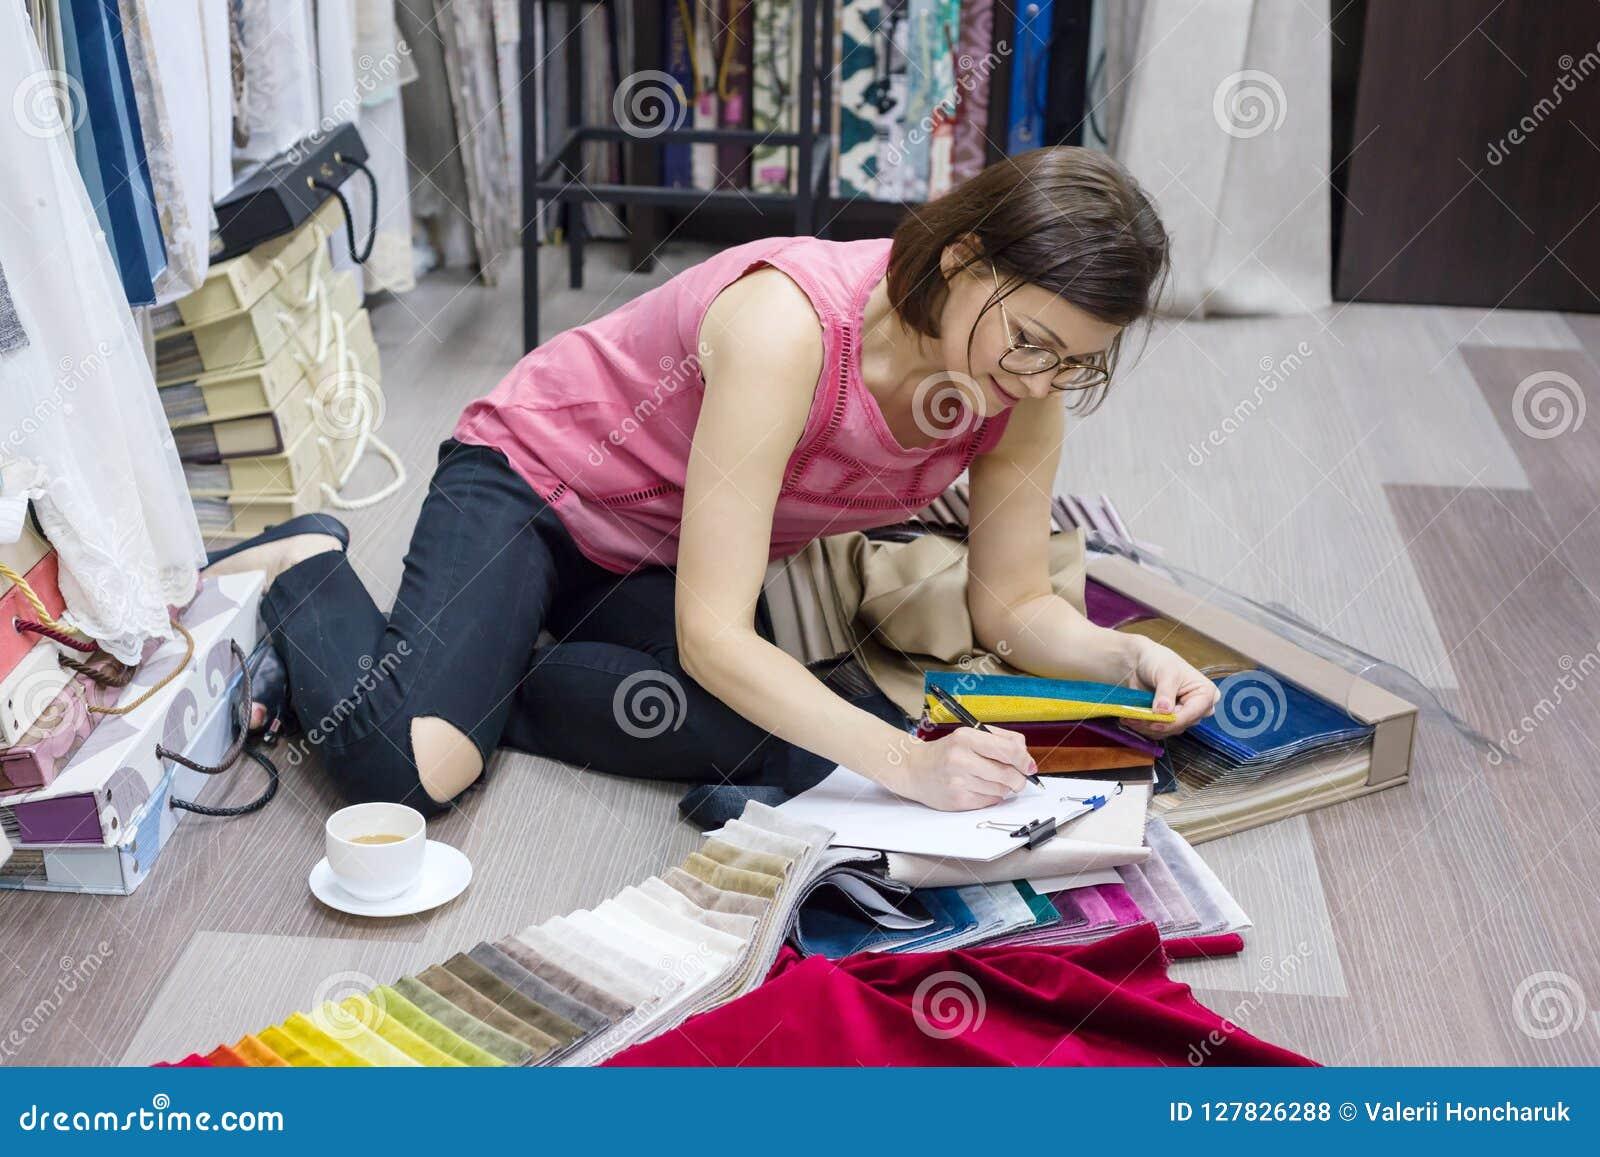 Interiorista de la mujer, trabajos con las muestras de telas para las cortinas y persianas Negocio - industria textil